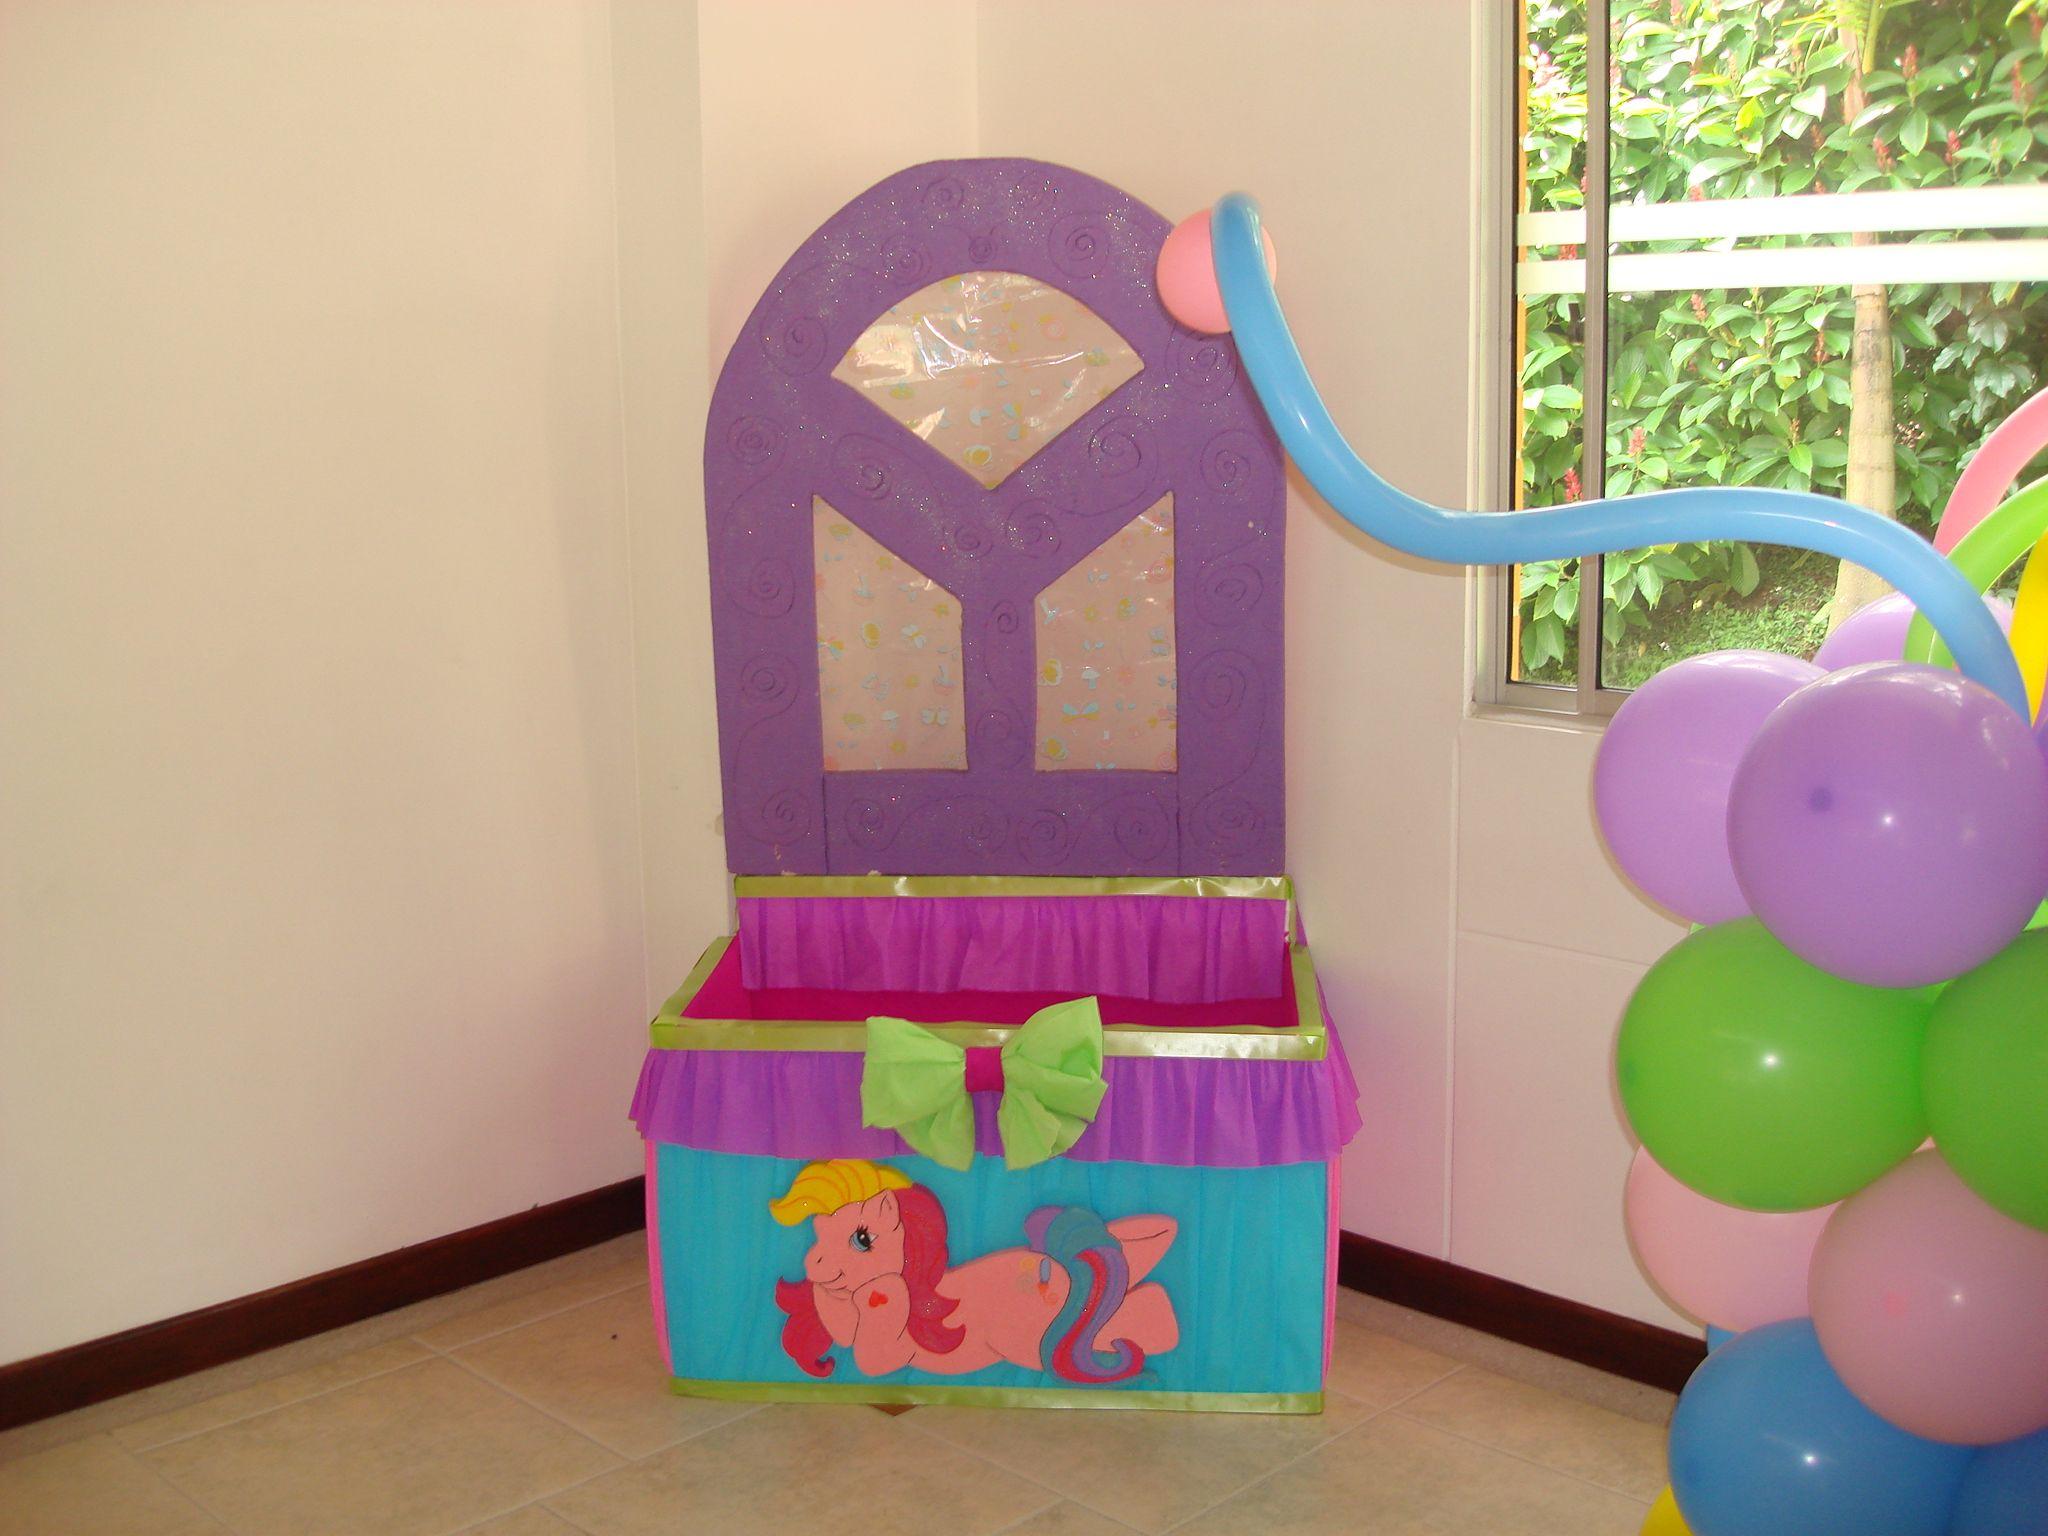 caja de regalos my little pony mi pequeo pony fiestaideas lindo pony pinterest globos para fiestas decoracin con globos y fiestas infantiles